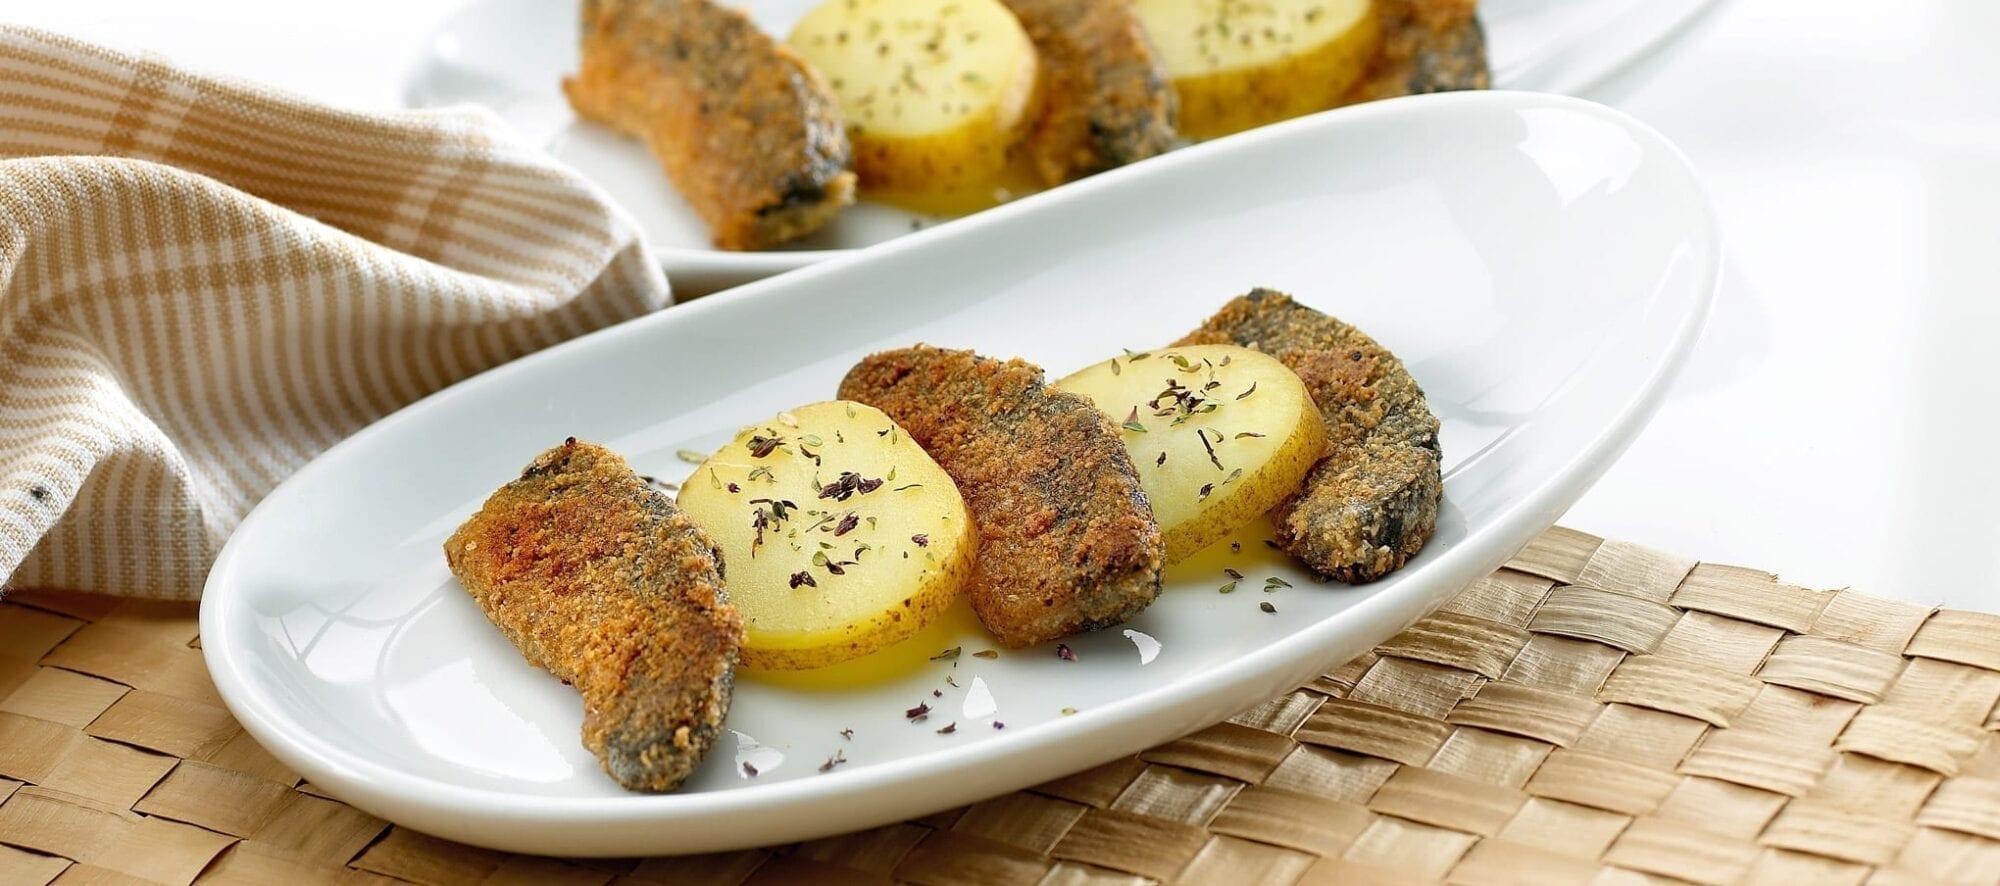 Grillet matak med koget kartofler